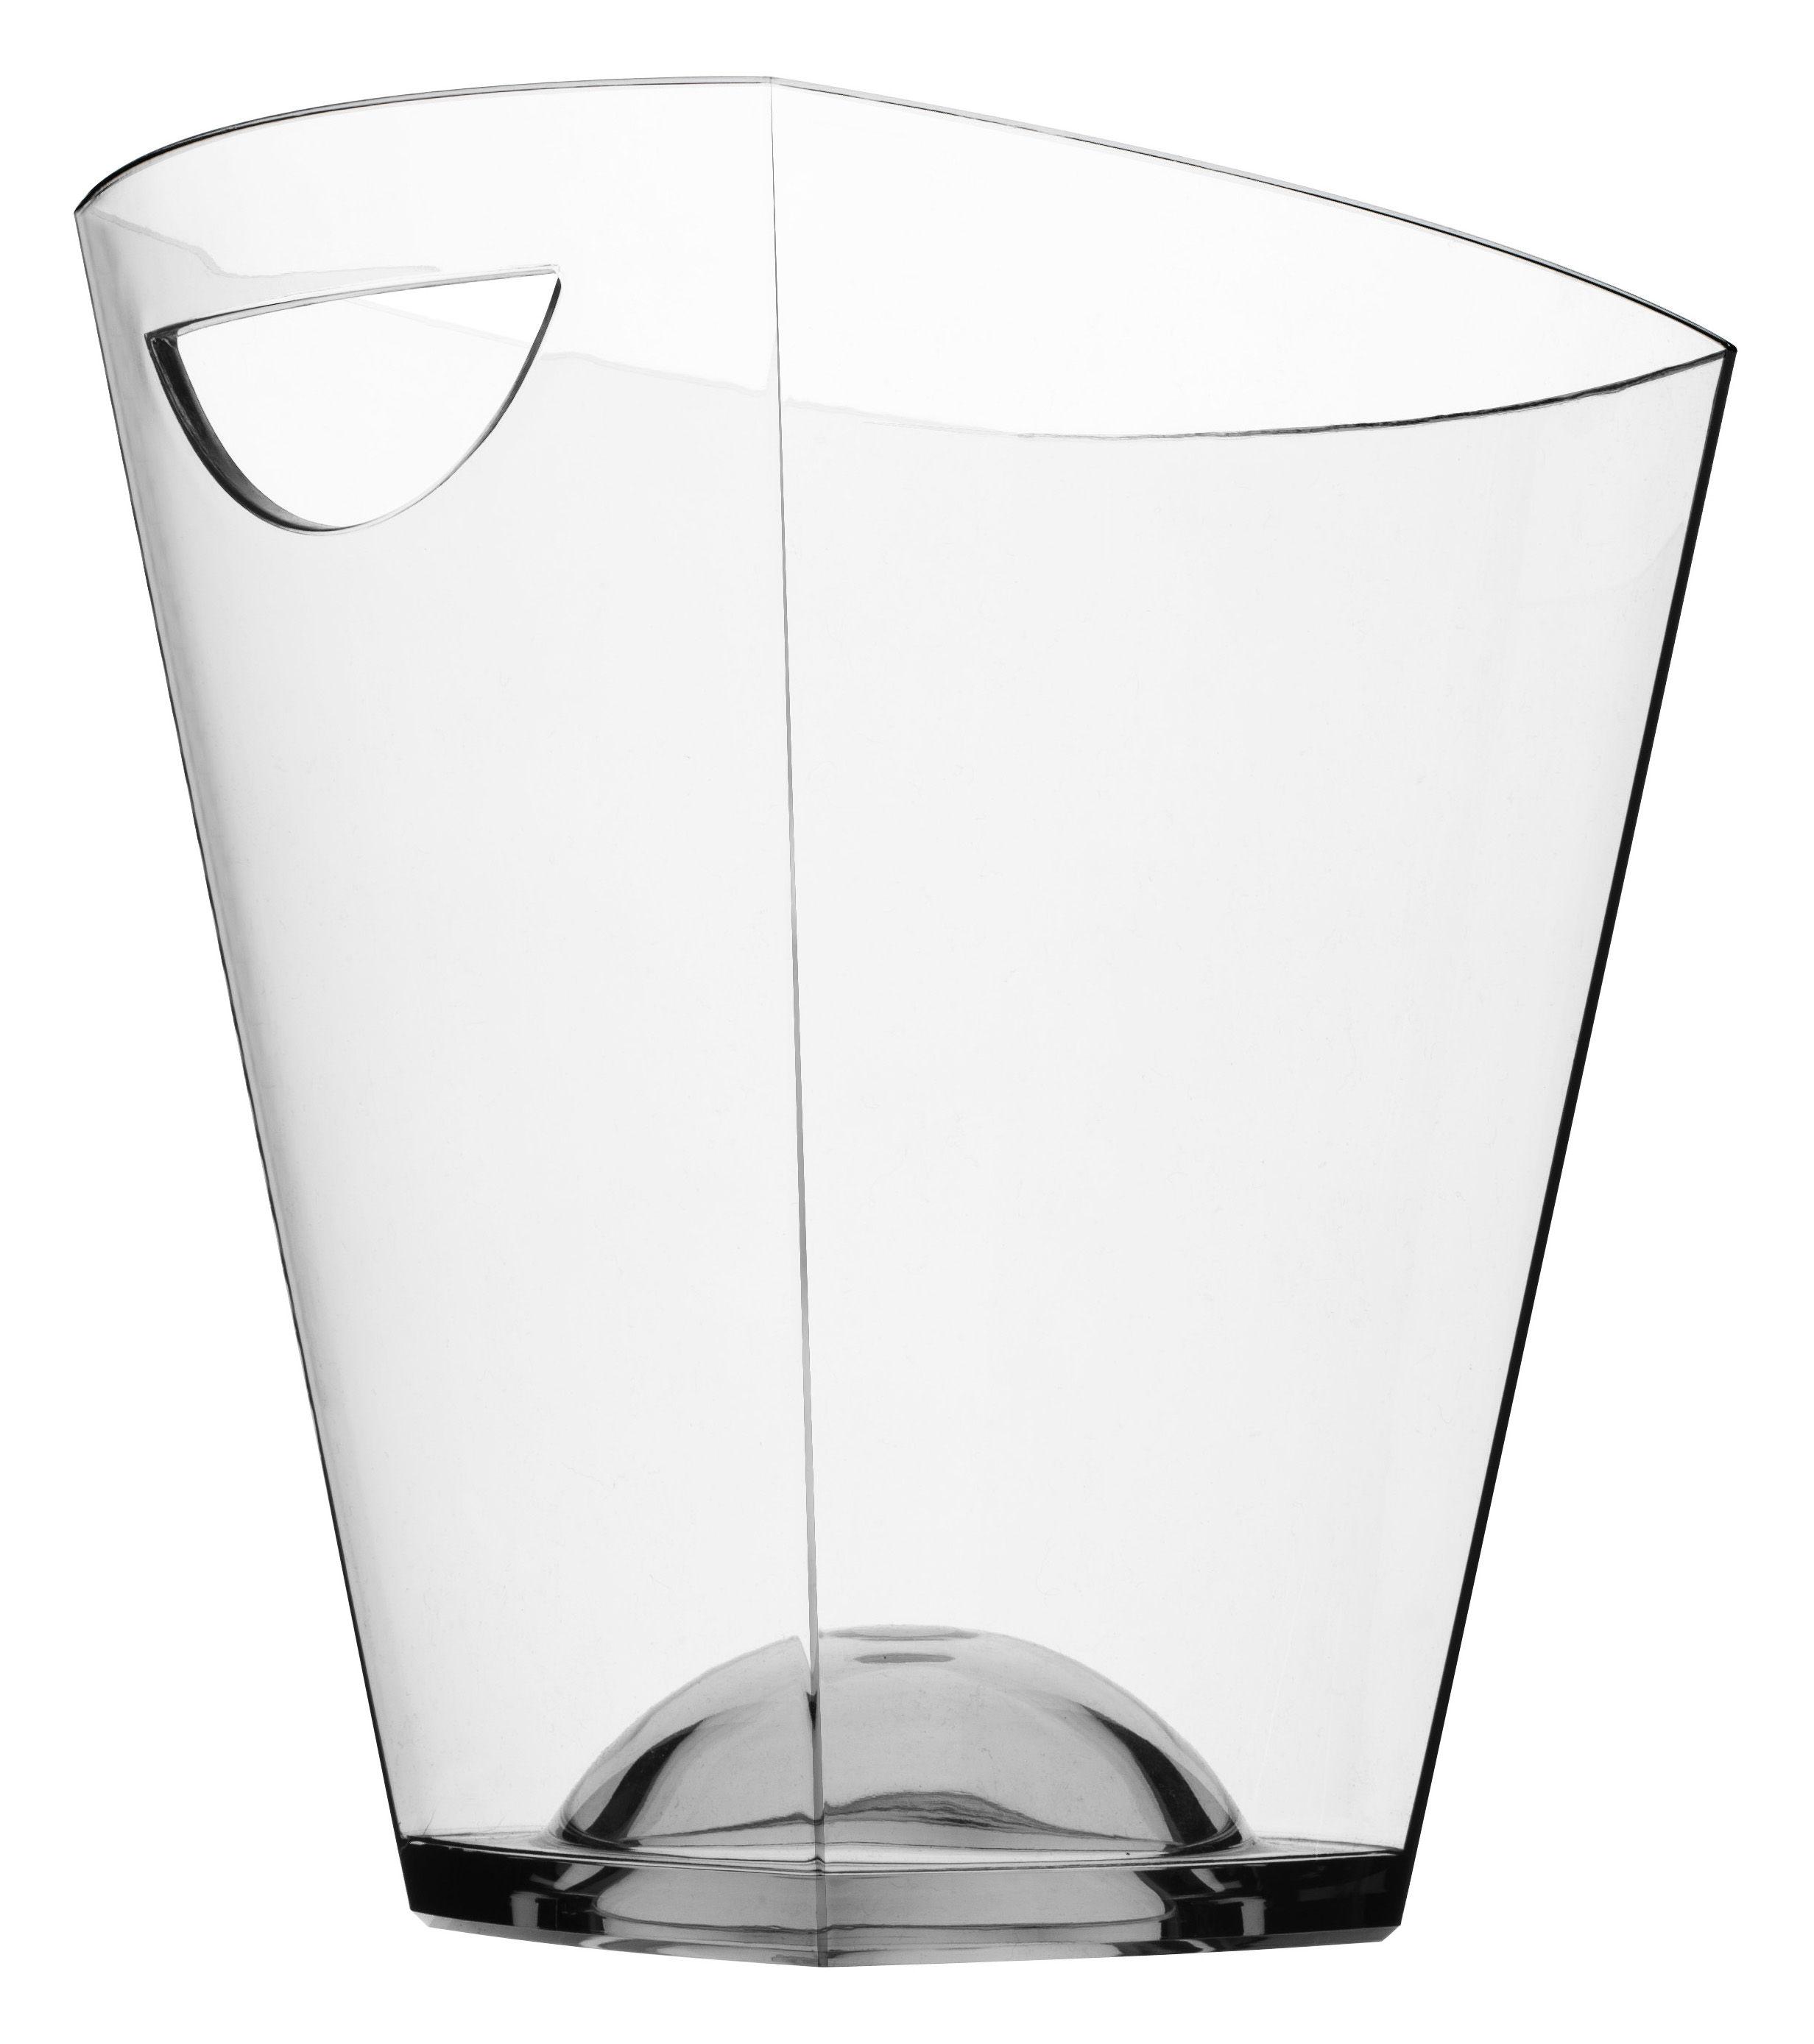 Arts de la table - Bar, vin, apéritif - Seau à champagne Pagoda - Italesse - Transparent - Verre acrylique